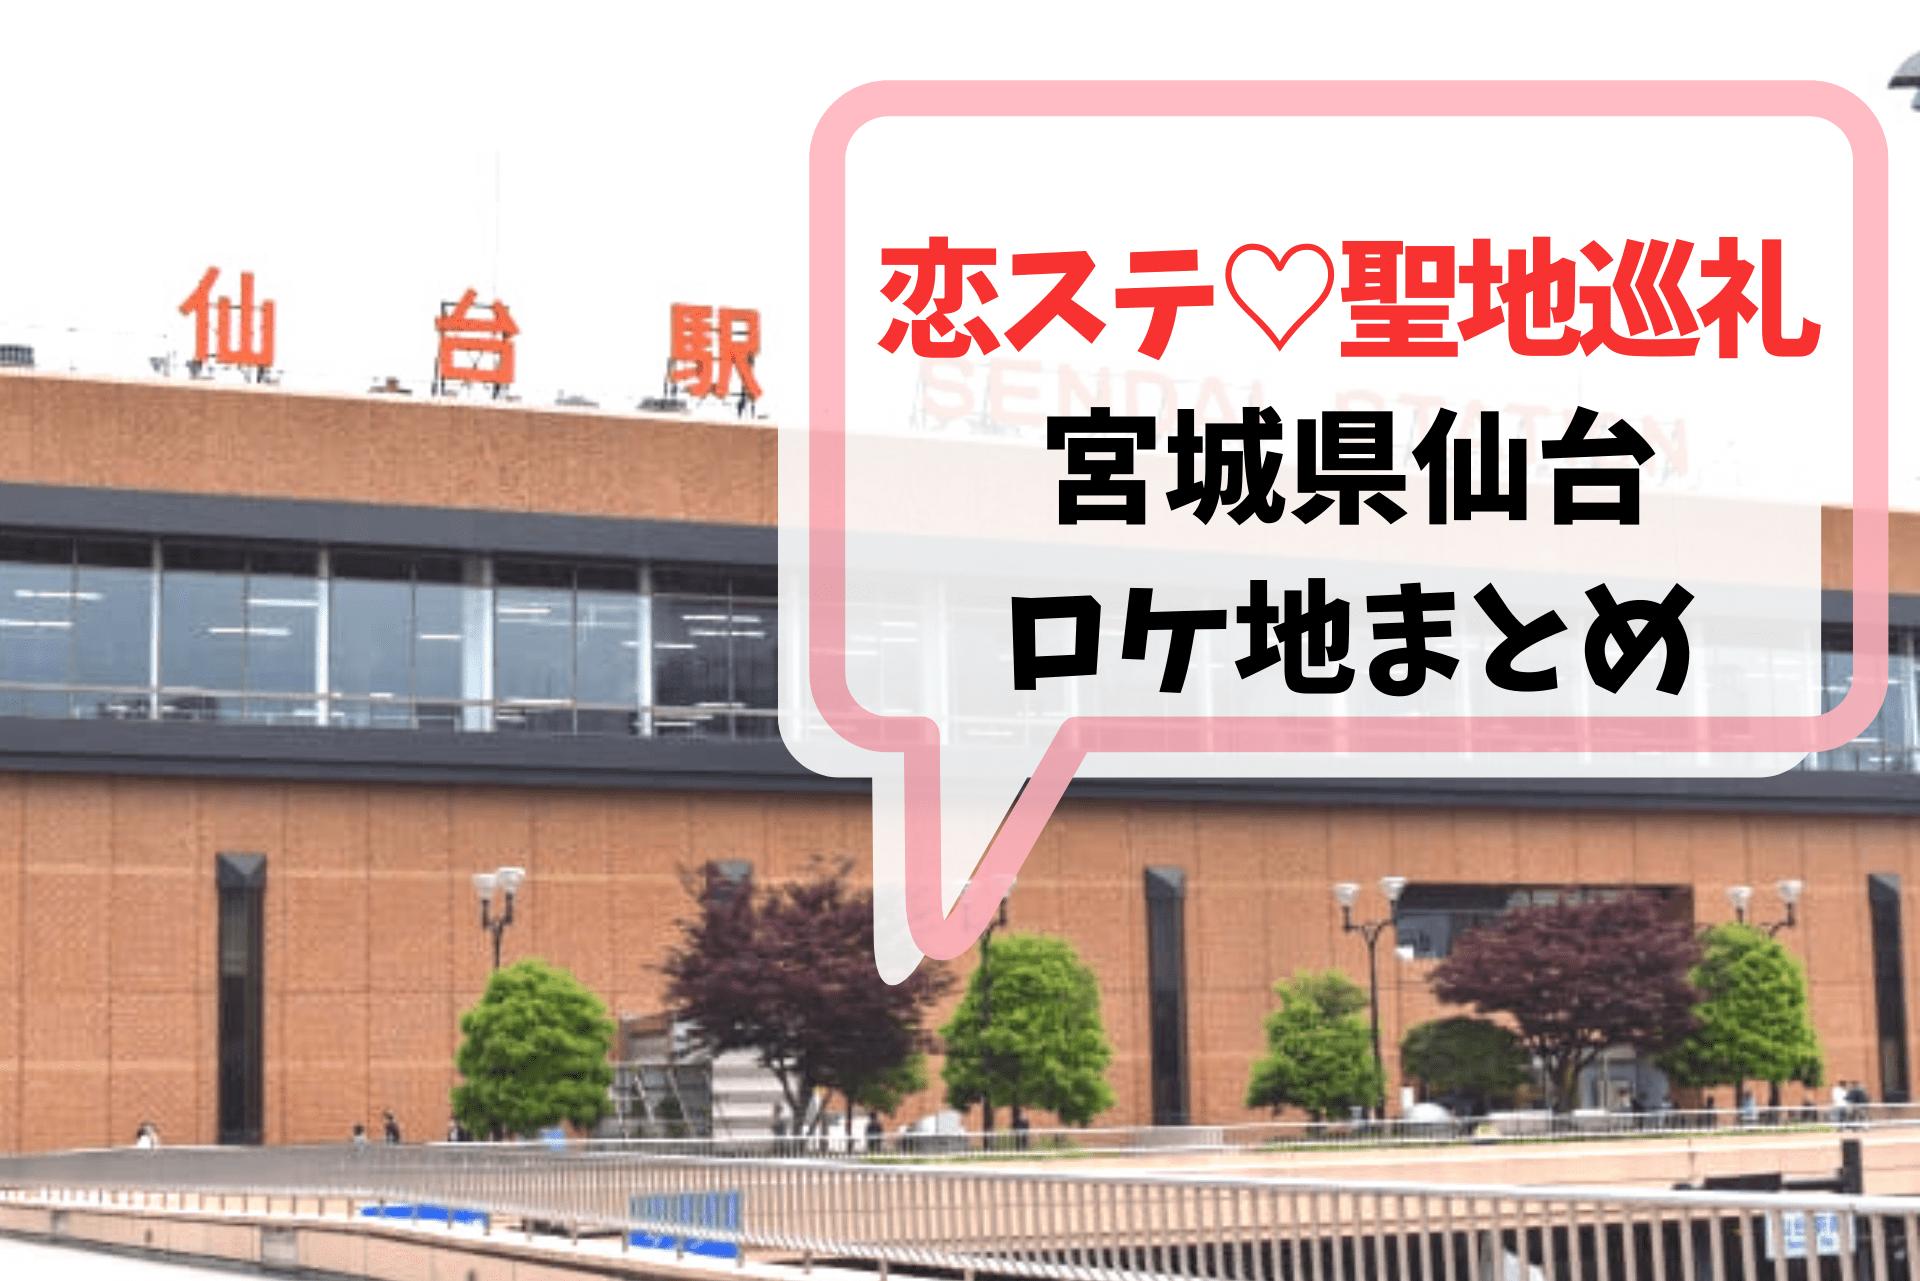 恋ステ宮城県仙台まとめ